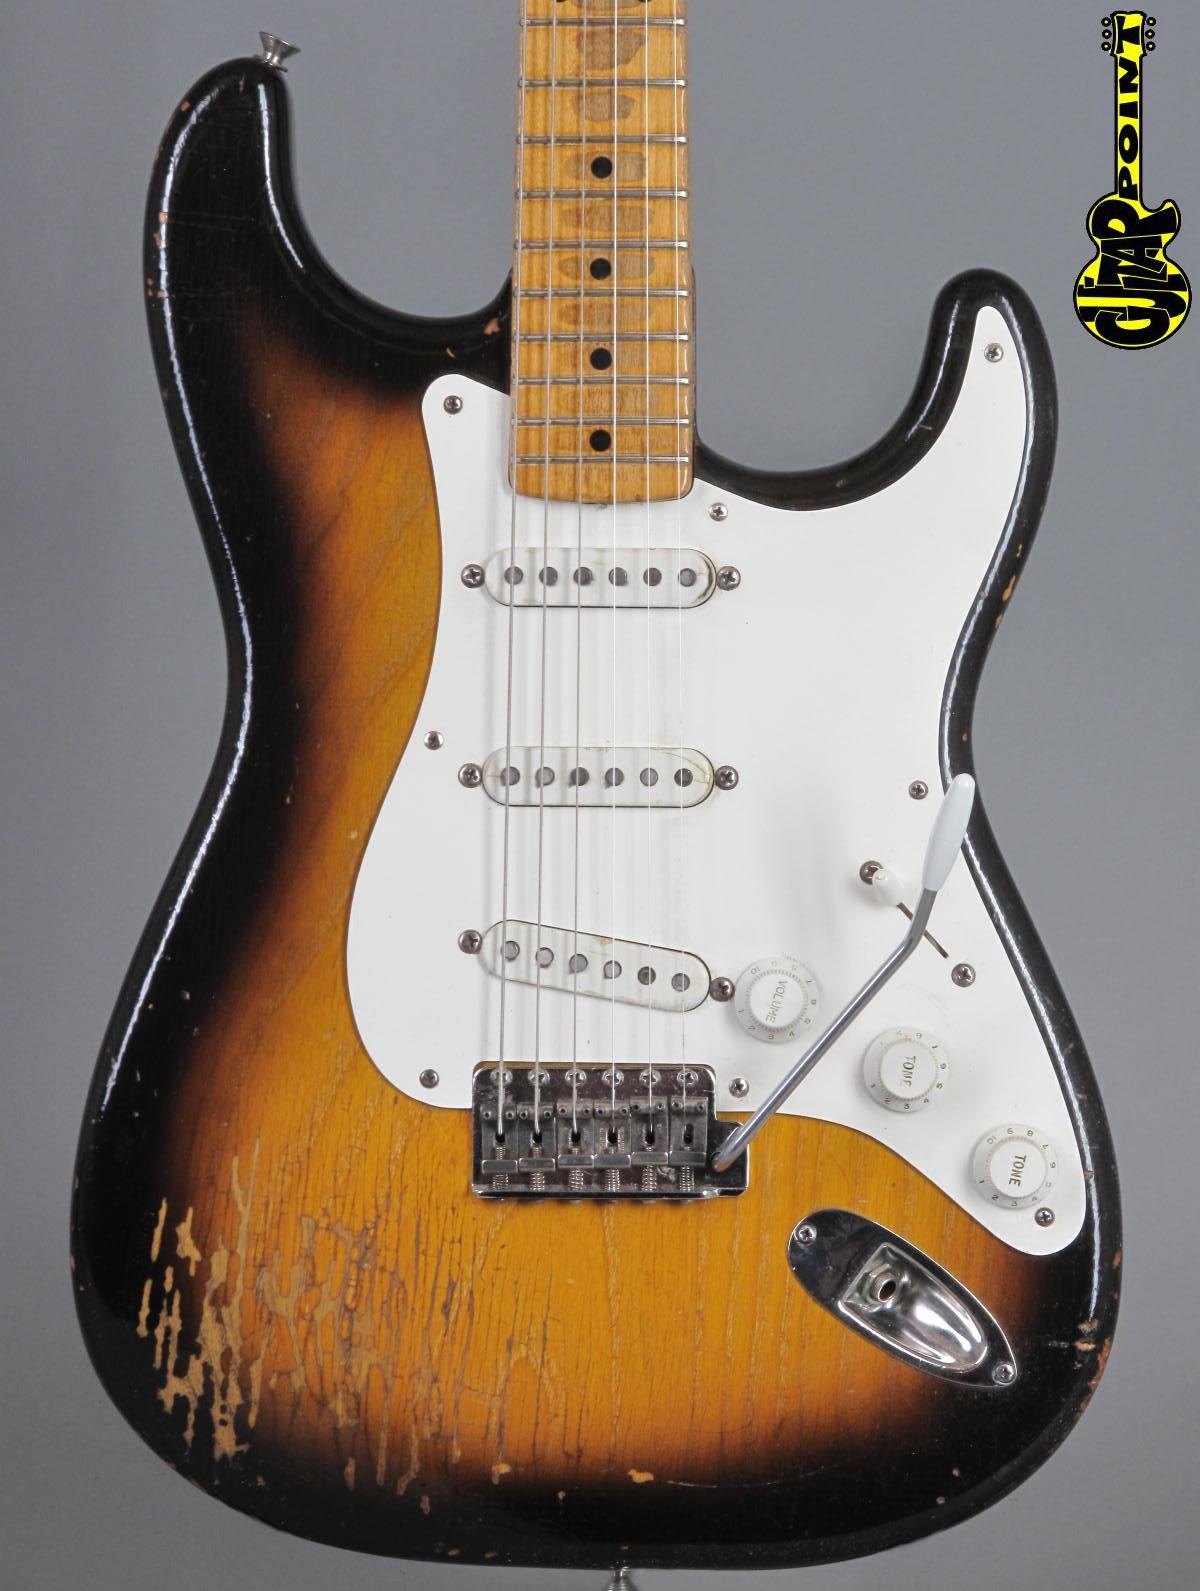 1955 Fender Stratocaster - 2-Tone Sunburst   ...only 3,11 Kg!